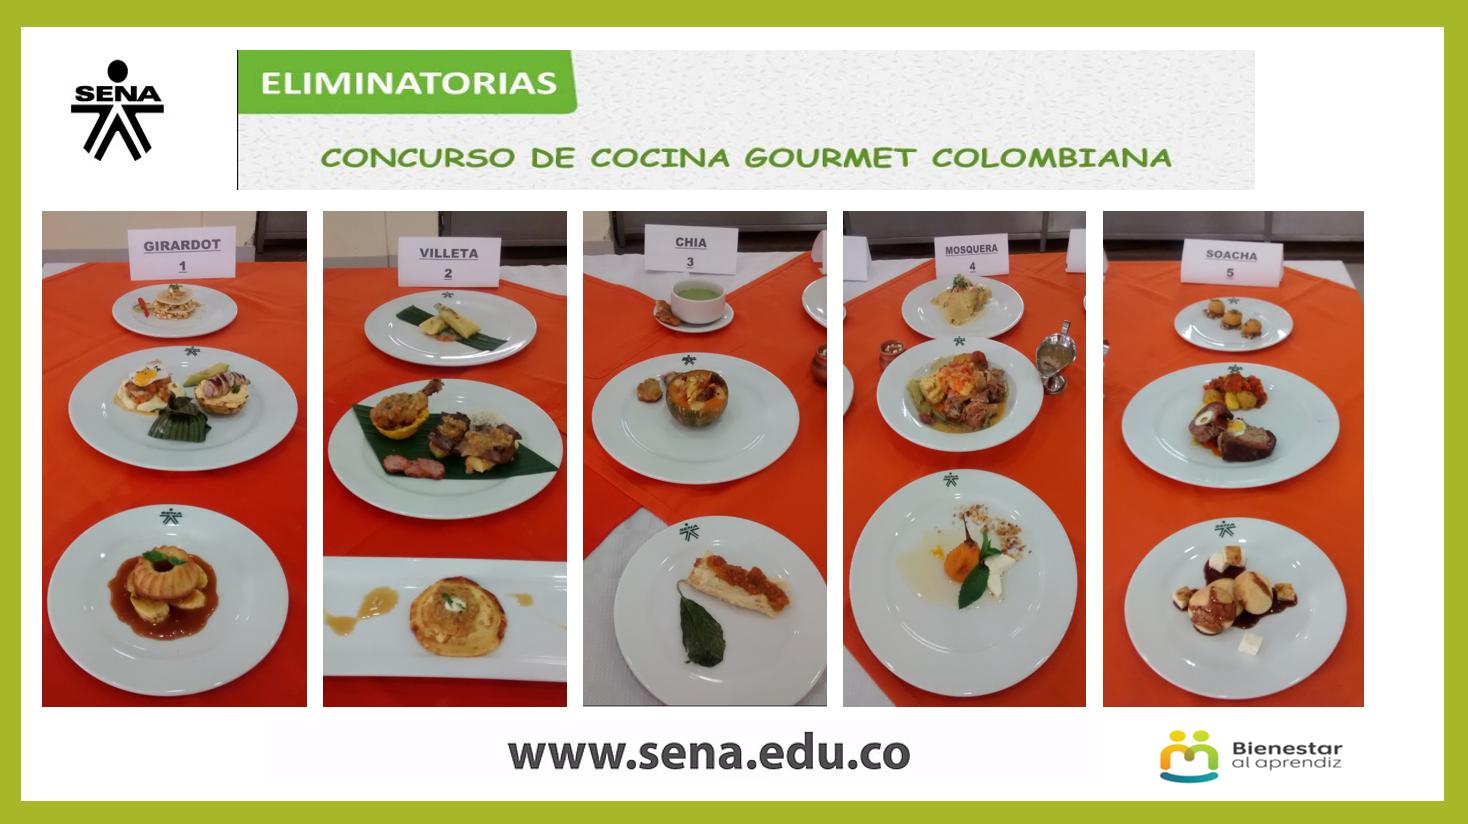 Sena mosquera cba bienestar al aprendiz resultados - Concurso de cocina ...